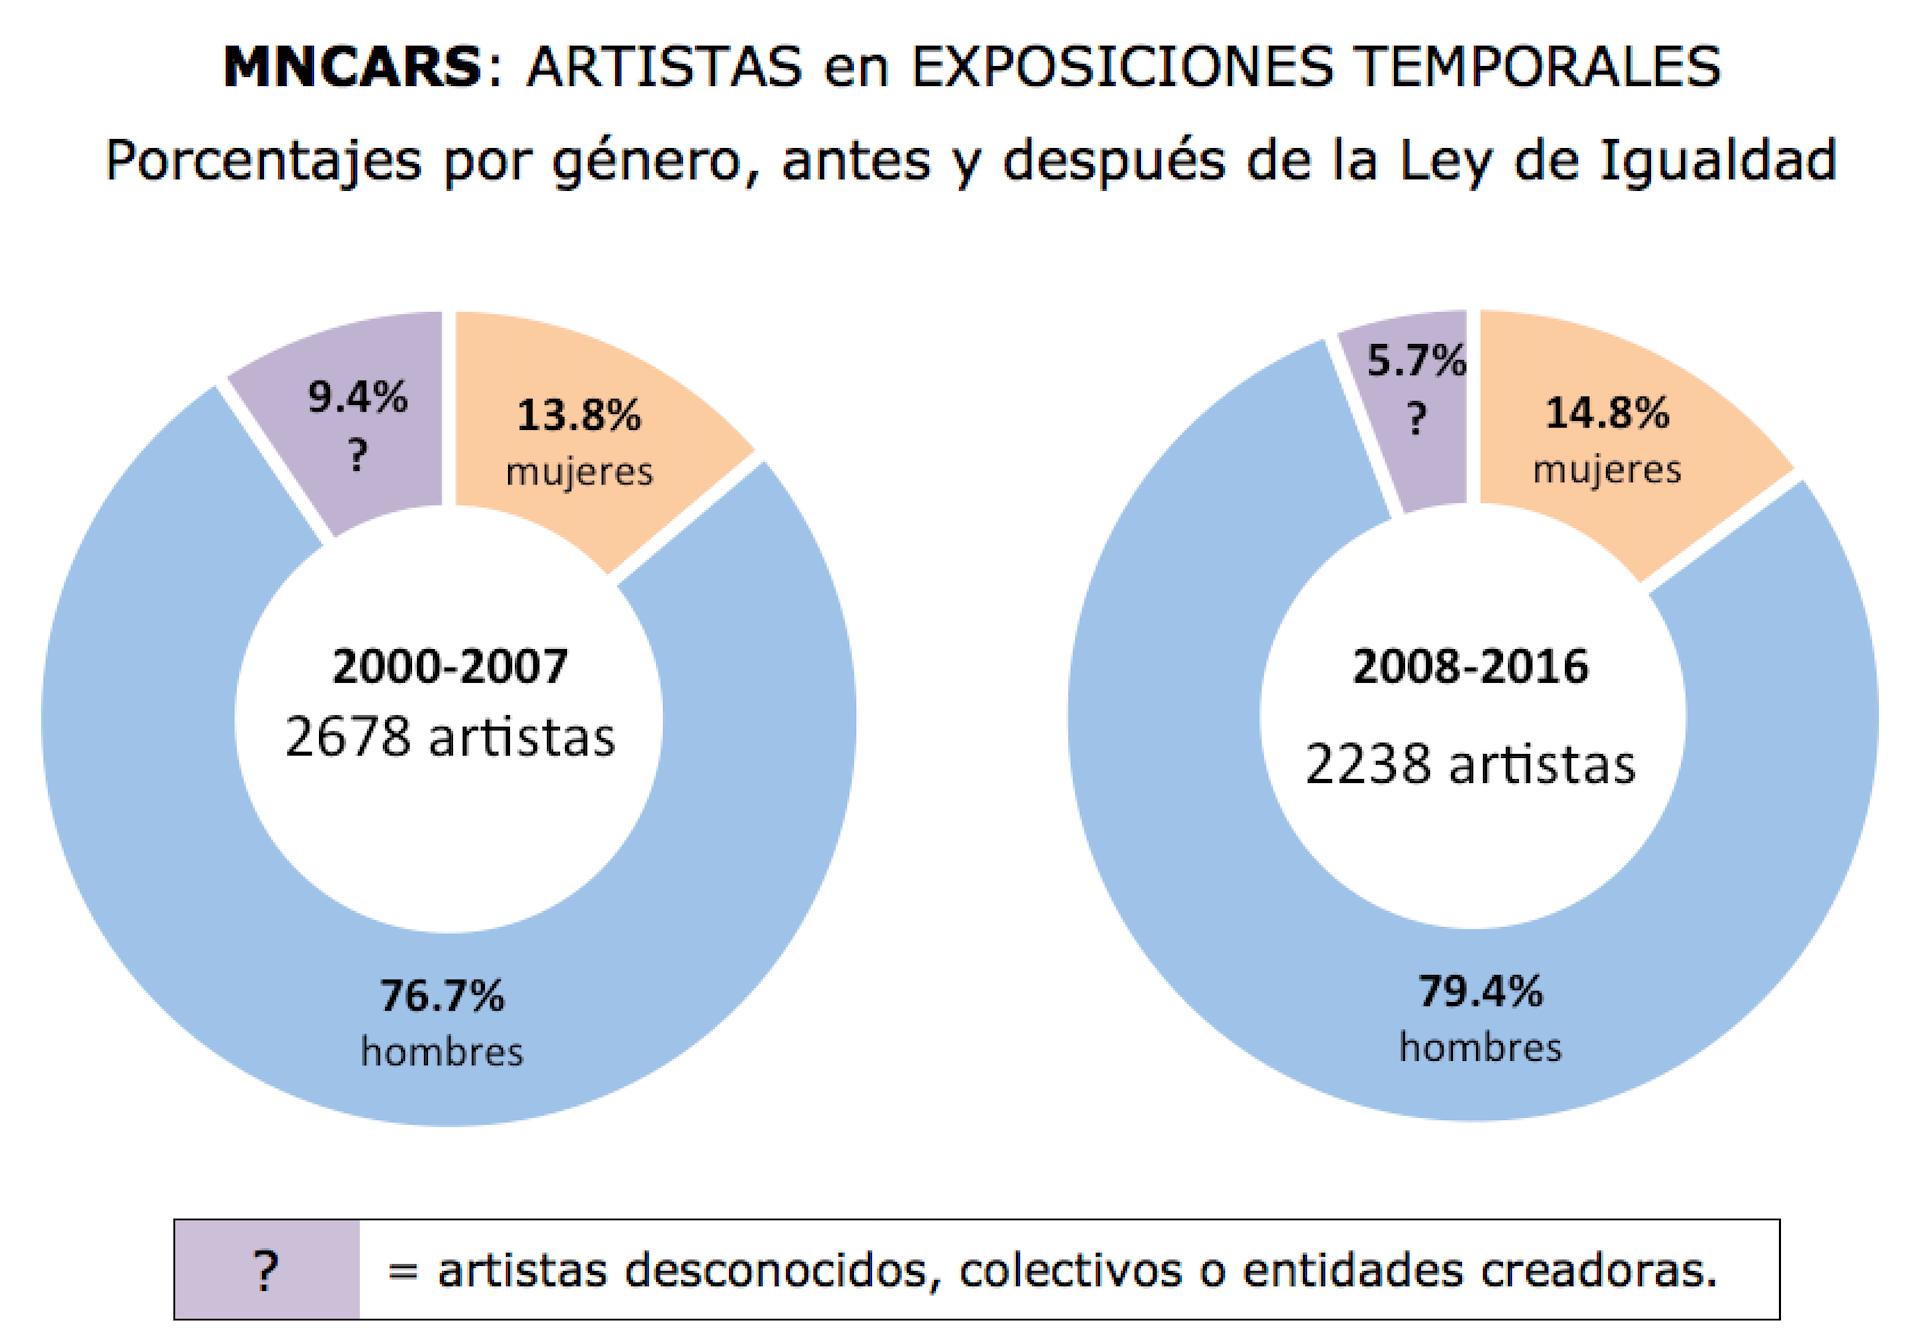 Artistas en exposiciones temporales en MNCARS. Porcentajes por género, antes y después de Ley de Igualdad (2007). Gráfico: Cristina Nualart